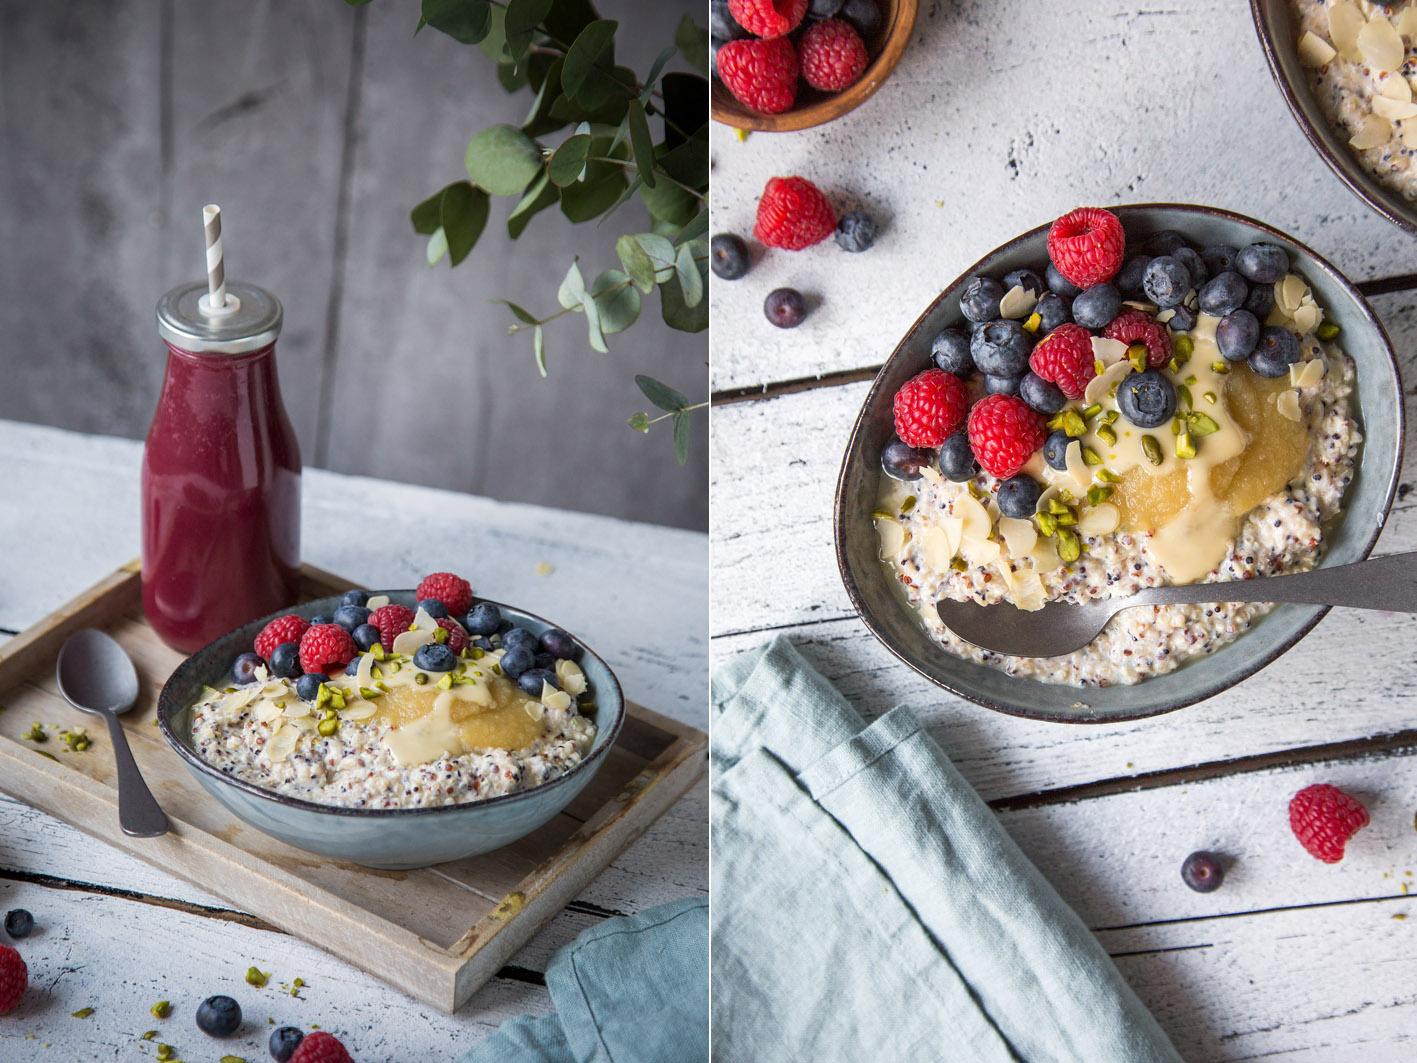 Gesundes Frühstück: Quinoa-Bowl mit Obst